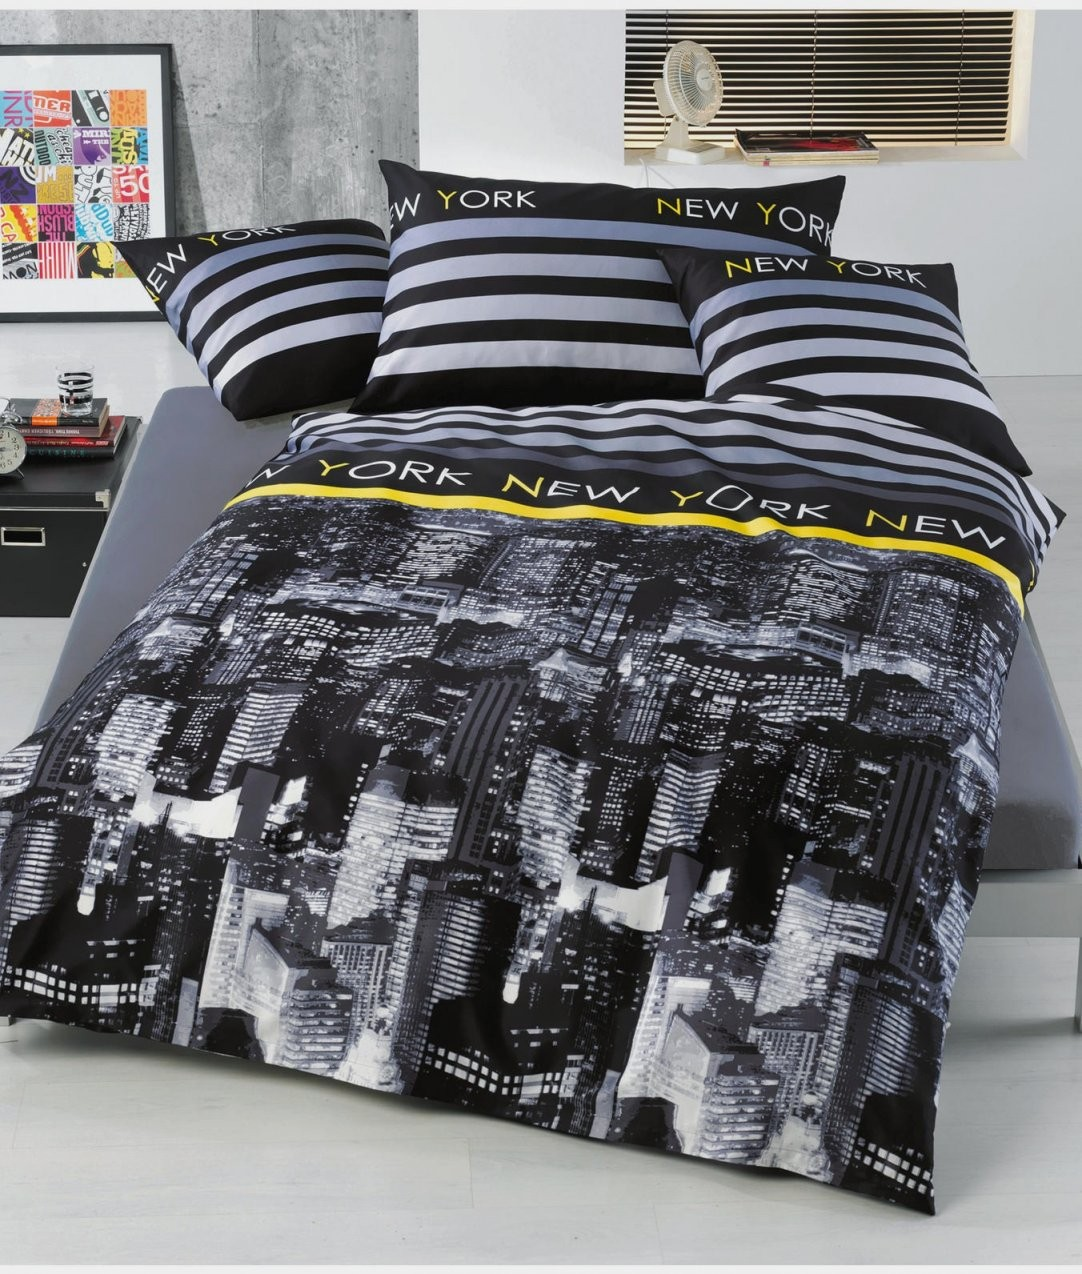 Coole Bettwäsche Für Teenager  Dekorieren Bei Das Haus von Coole Bettwäsche Für Jungs Bild